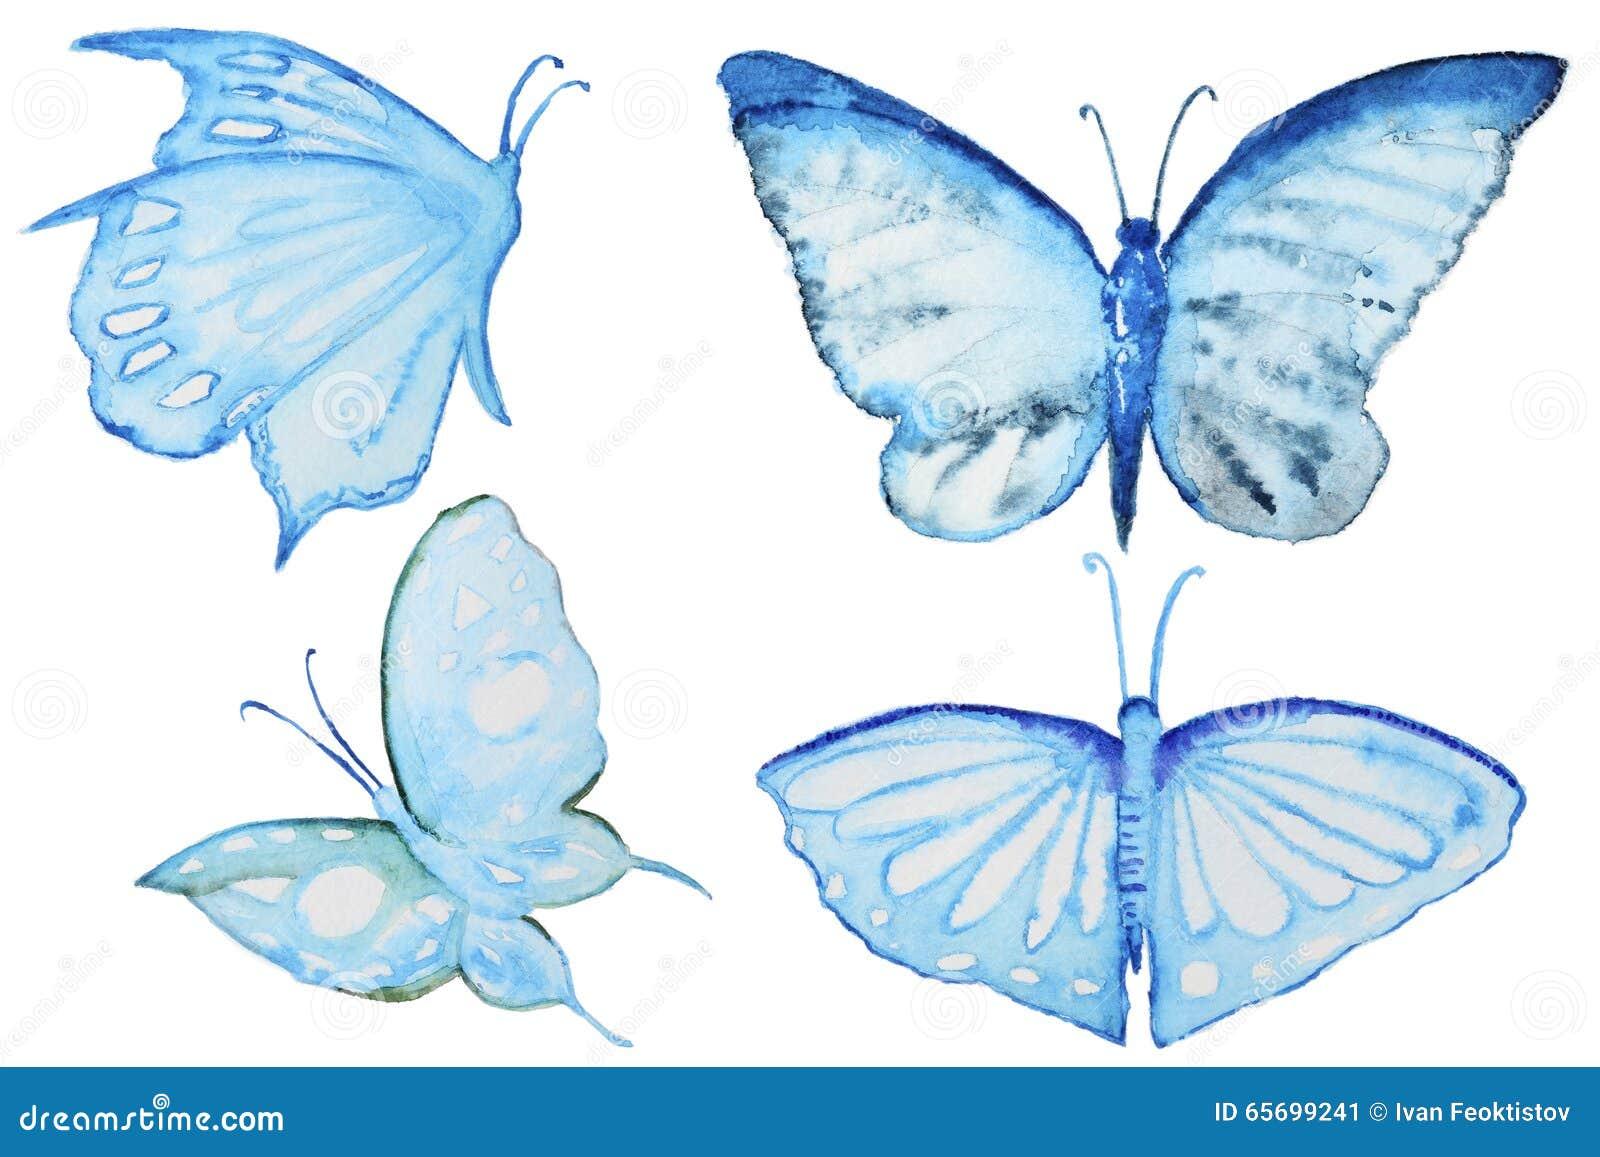 套水彩蝴蝶图片